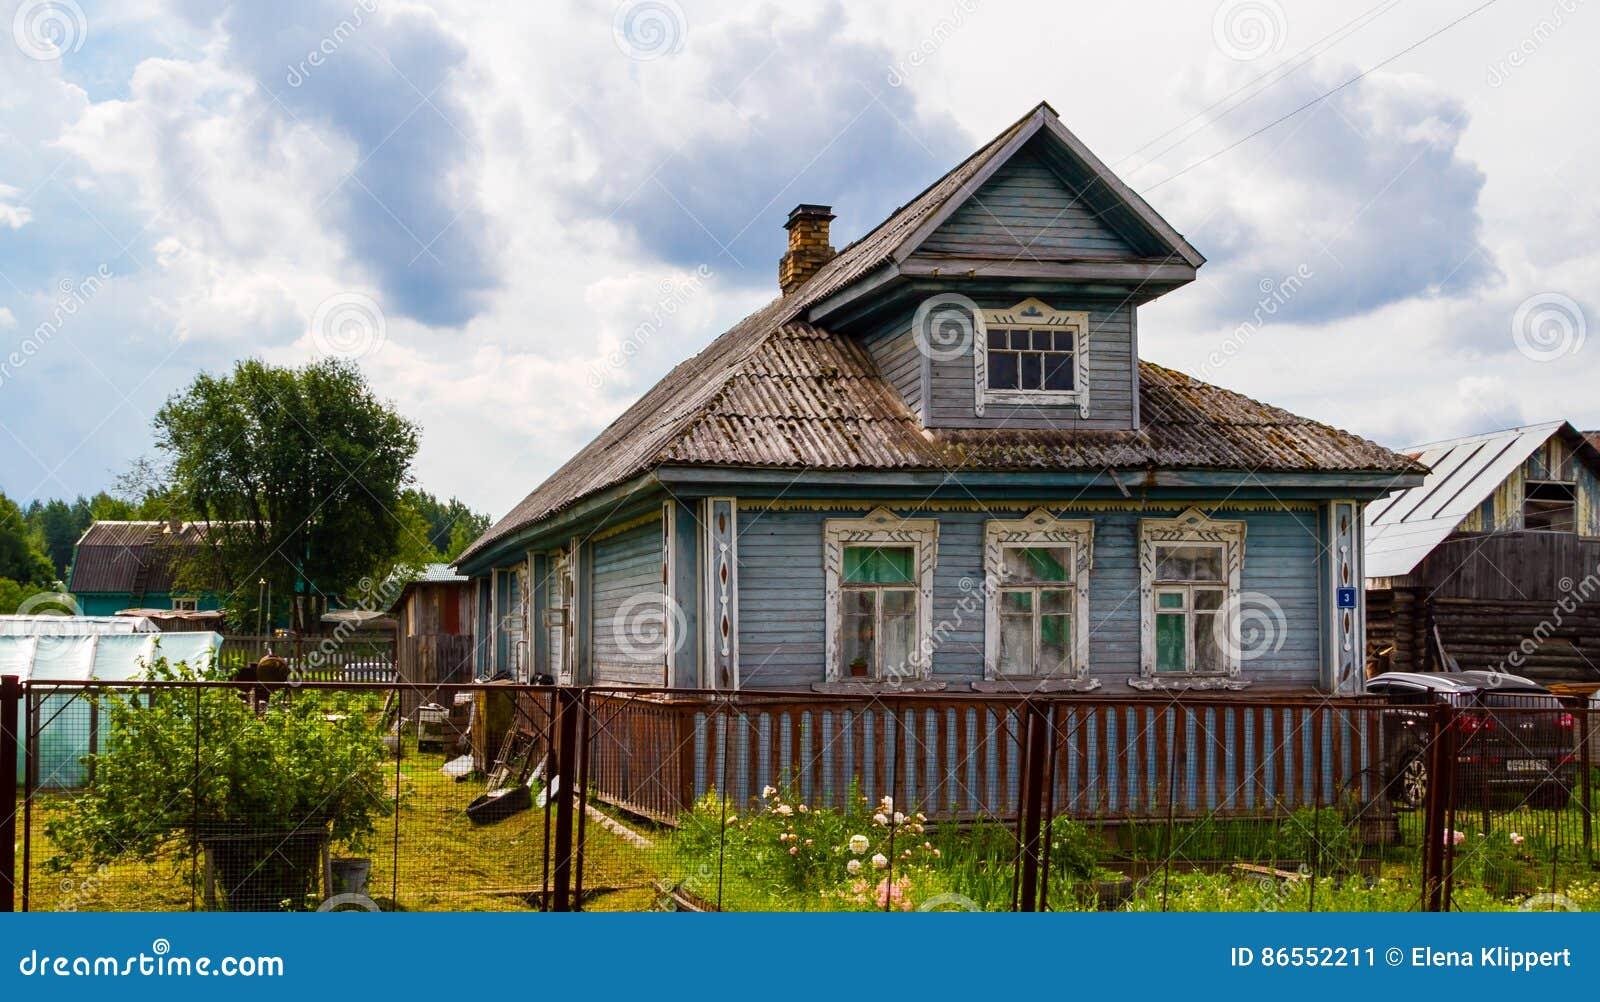 Liebenswert Russisches Holzhaus Beste Wahl P